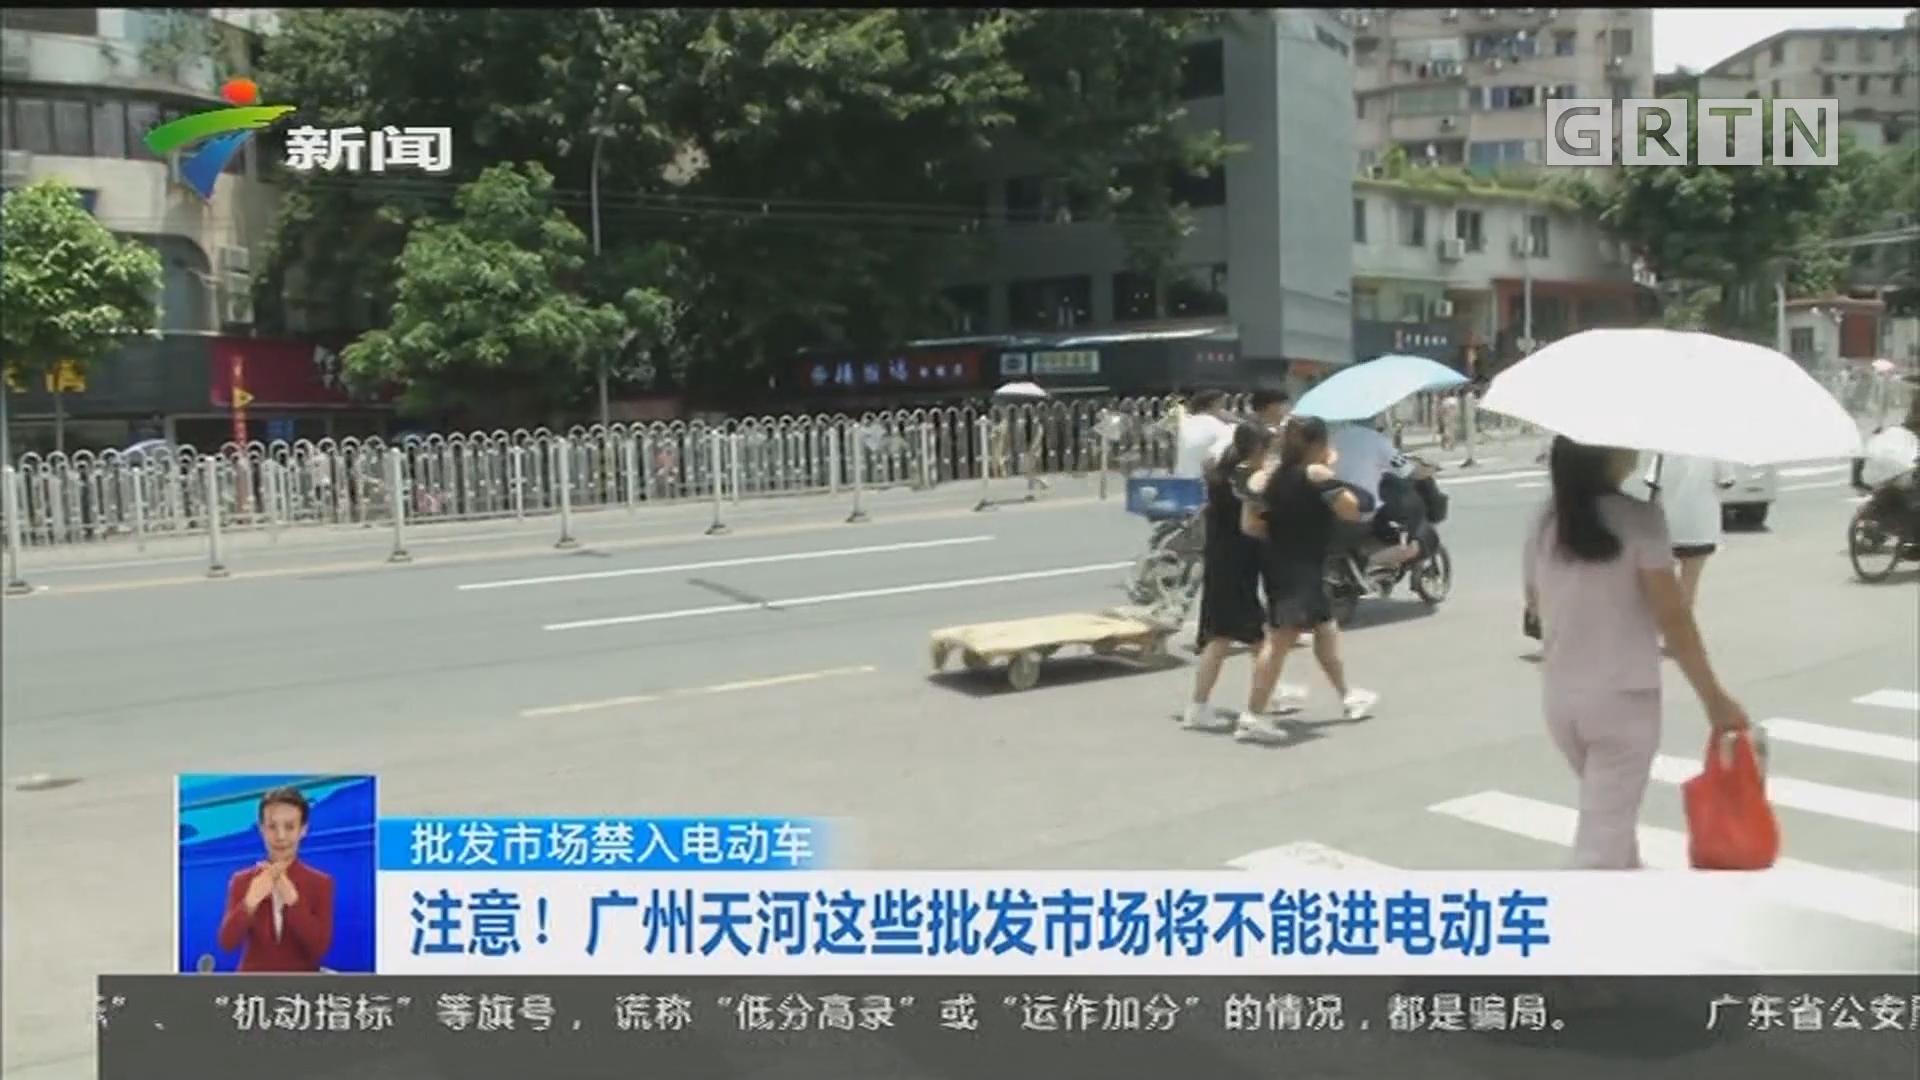 批发市场禁入电动车:注意!广州天河这些批发市场将不能进电动车